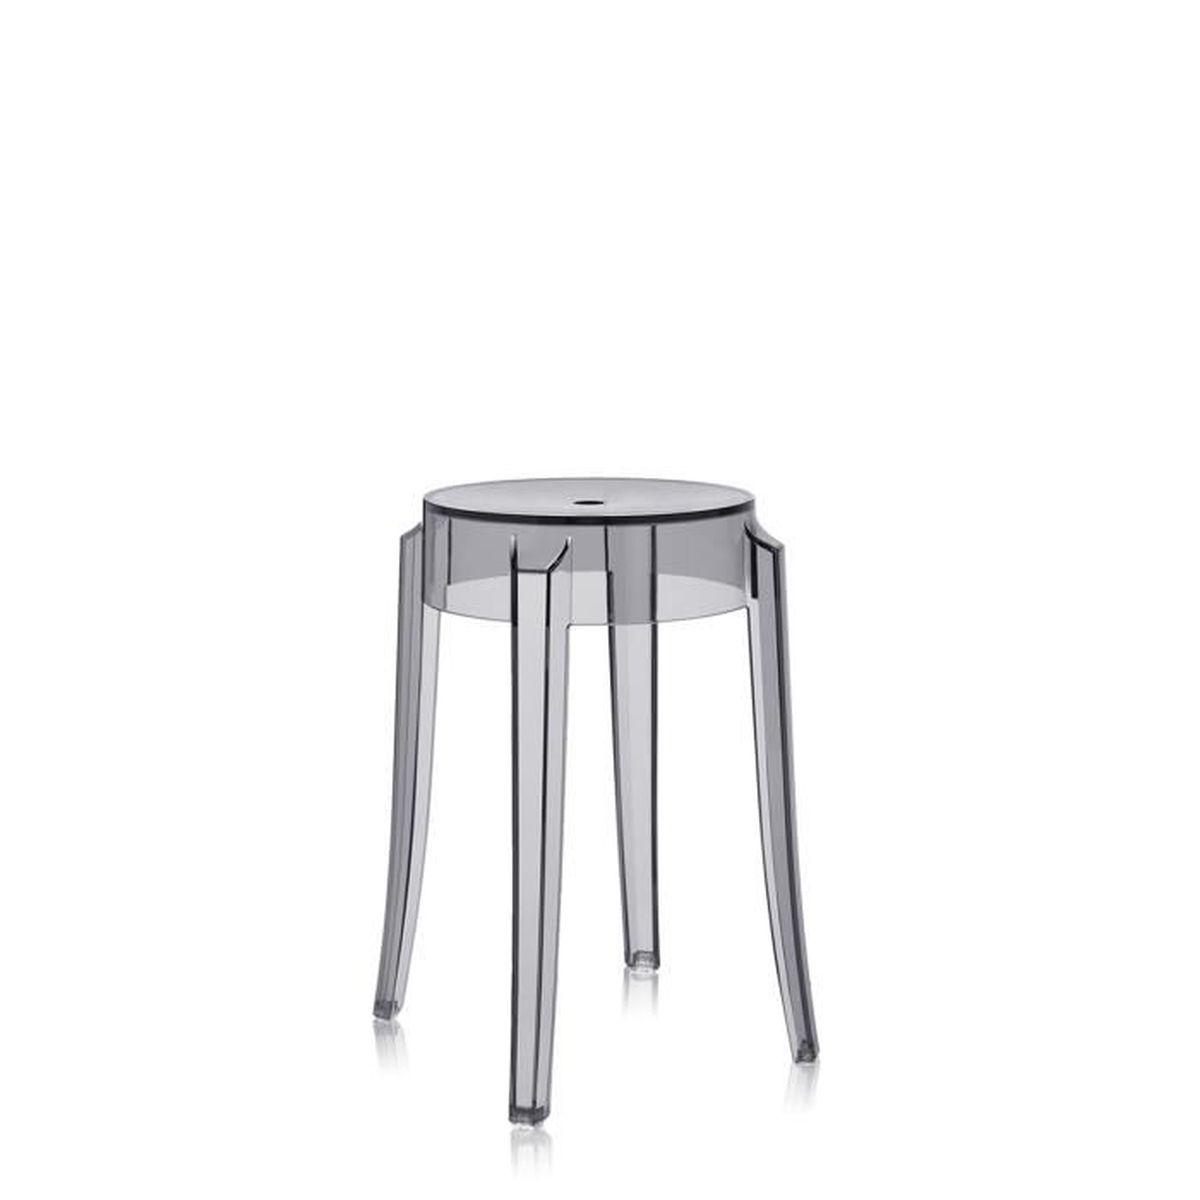 kartell tabouret charles ghost h46 cm fum achat vente tabouret soldes cdiscount. Black Bedroom Furniture Sets. Home Design Ideas